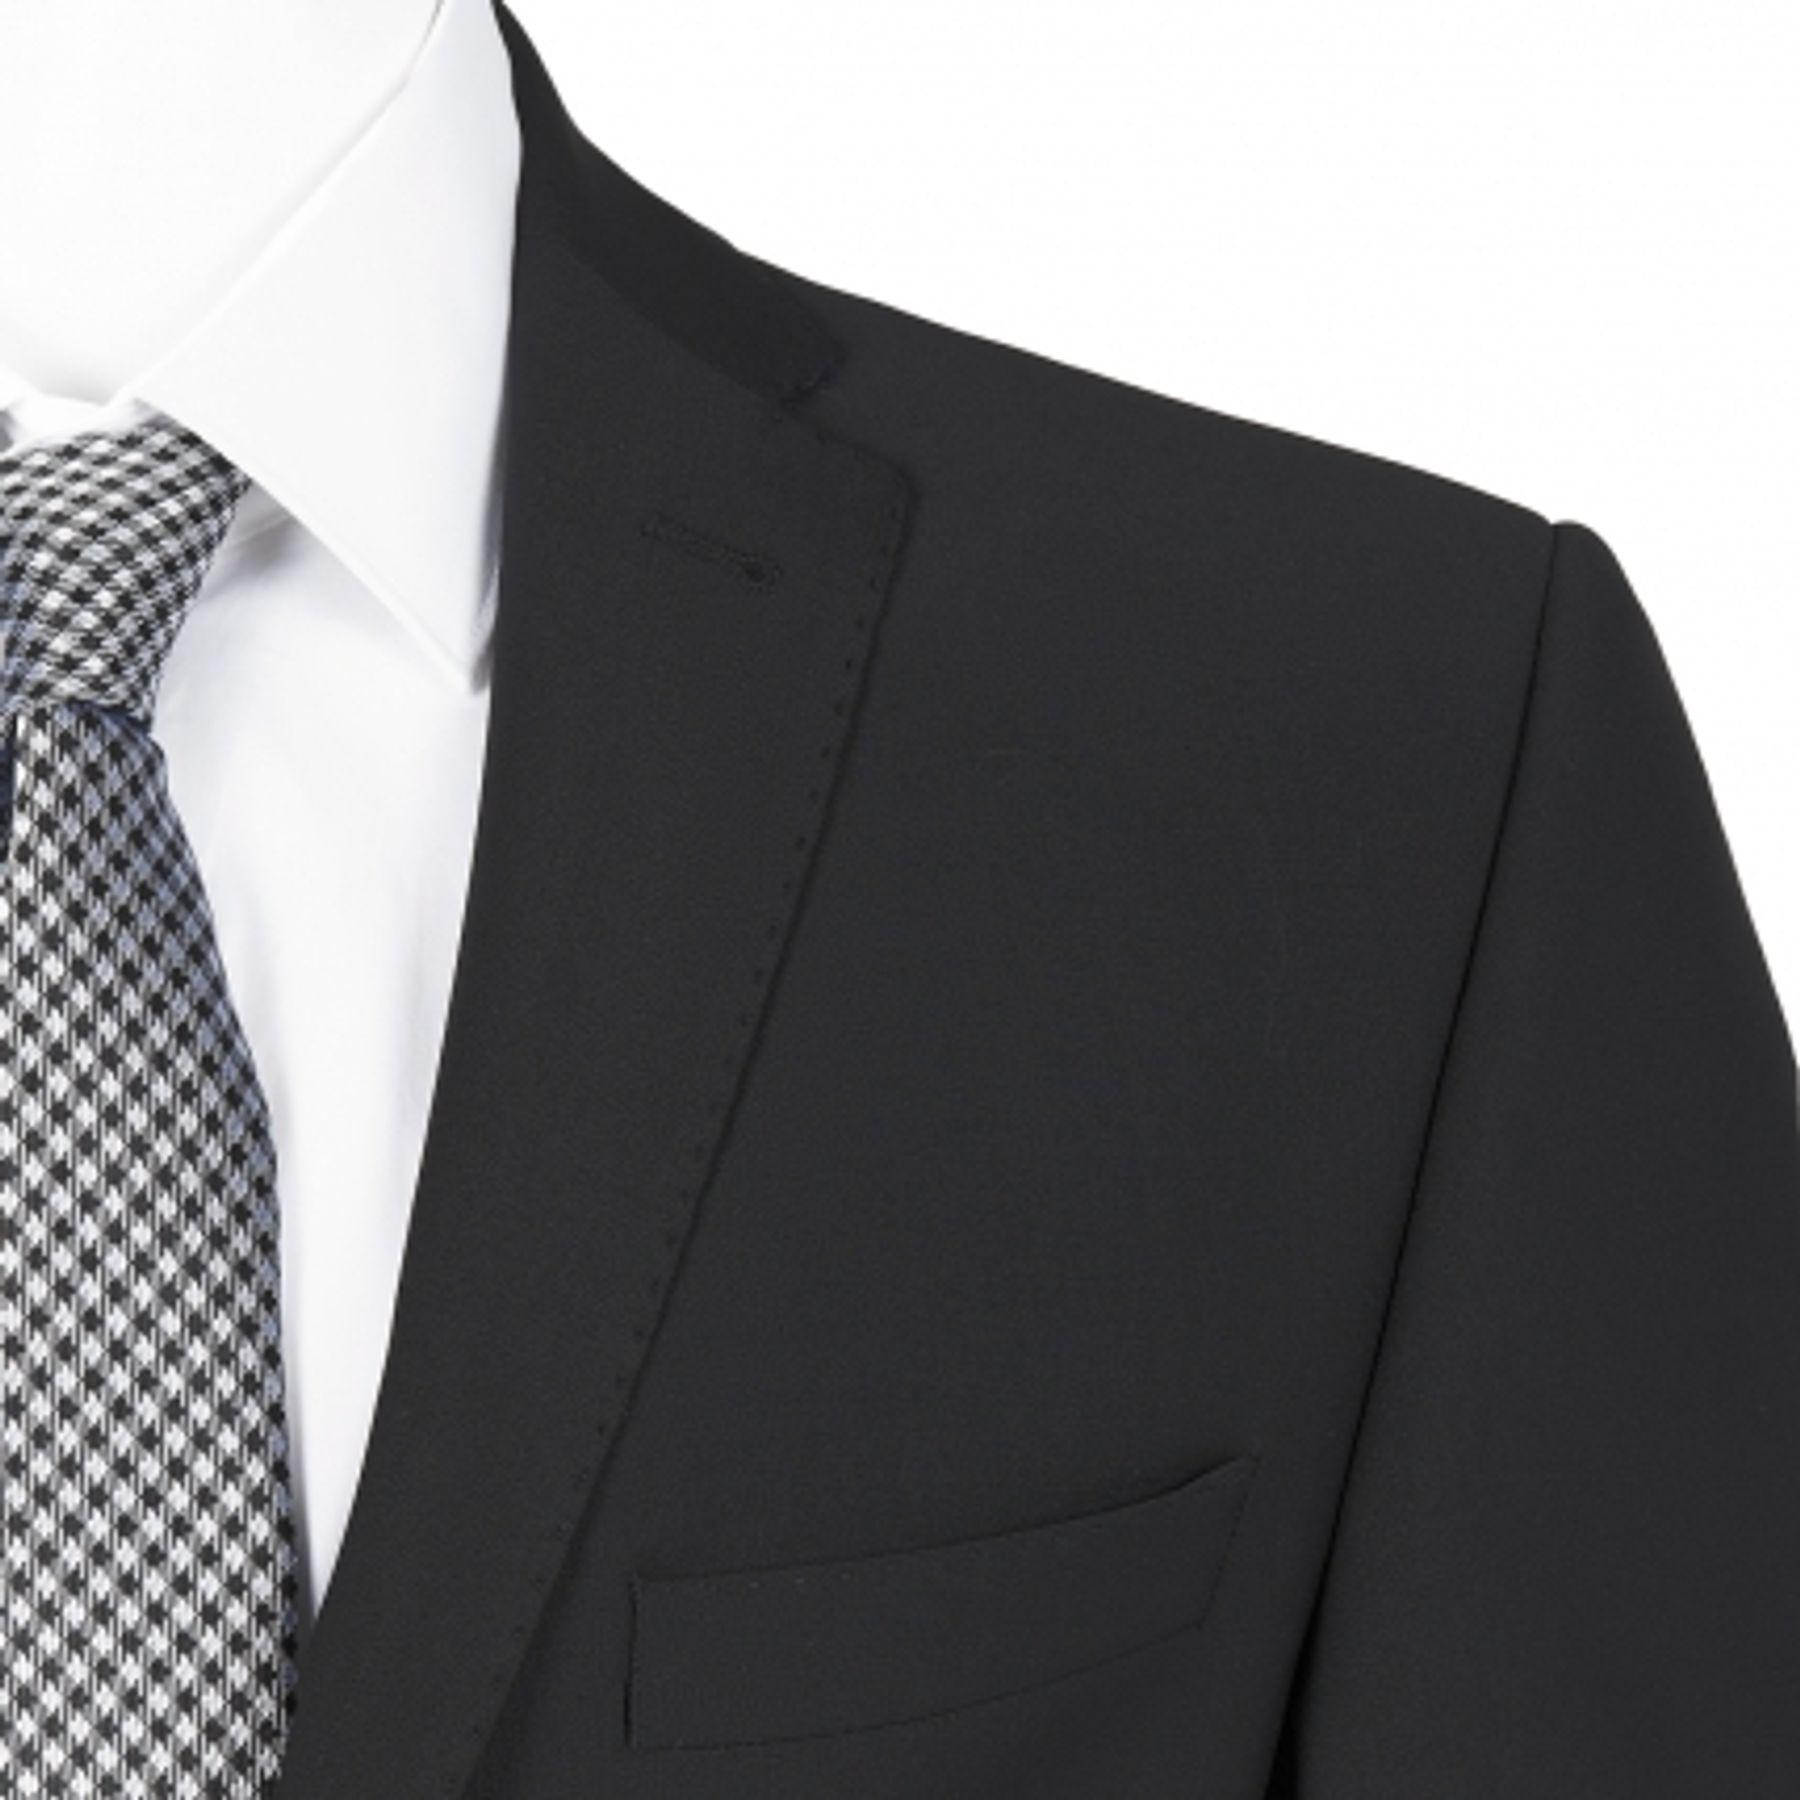 Benvenuto Purple - Slim Fit - Herren Baukasten Sakko für Jungen Trend-Anzug mit sehr schlankem Schnitt in verschiedenen Farben, Adonis (20657, Modell: 61283) – Bild 2